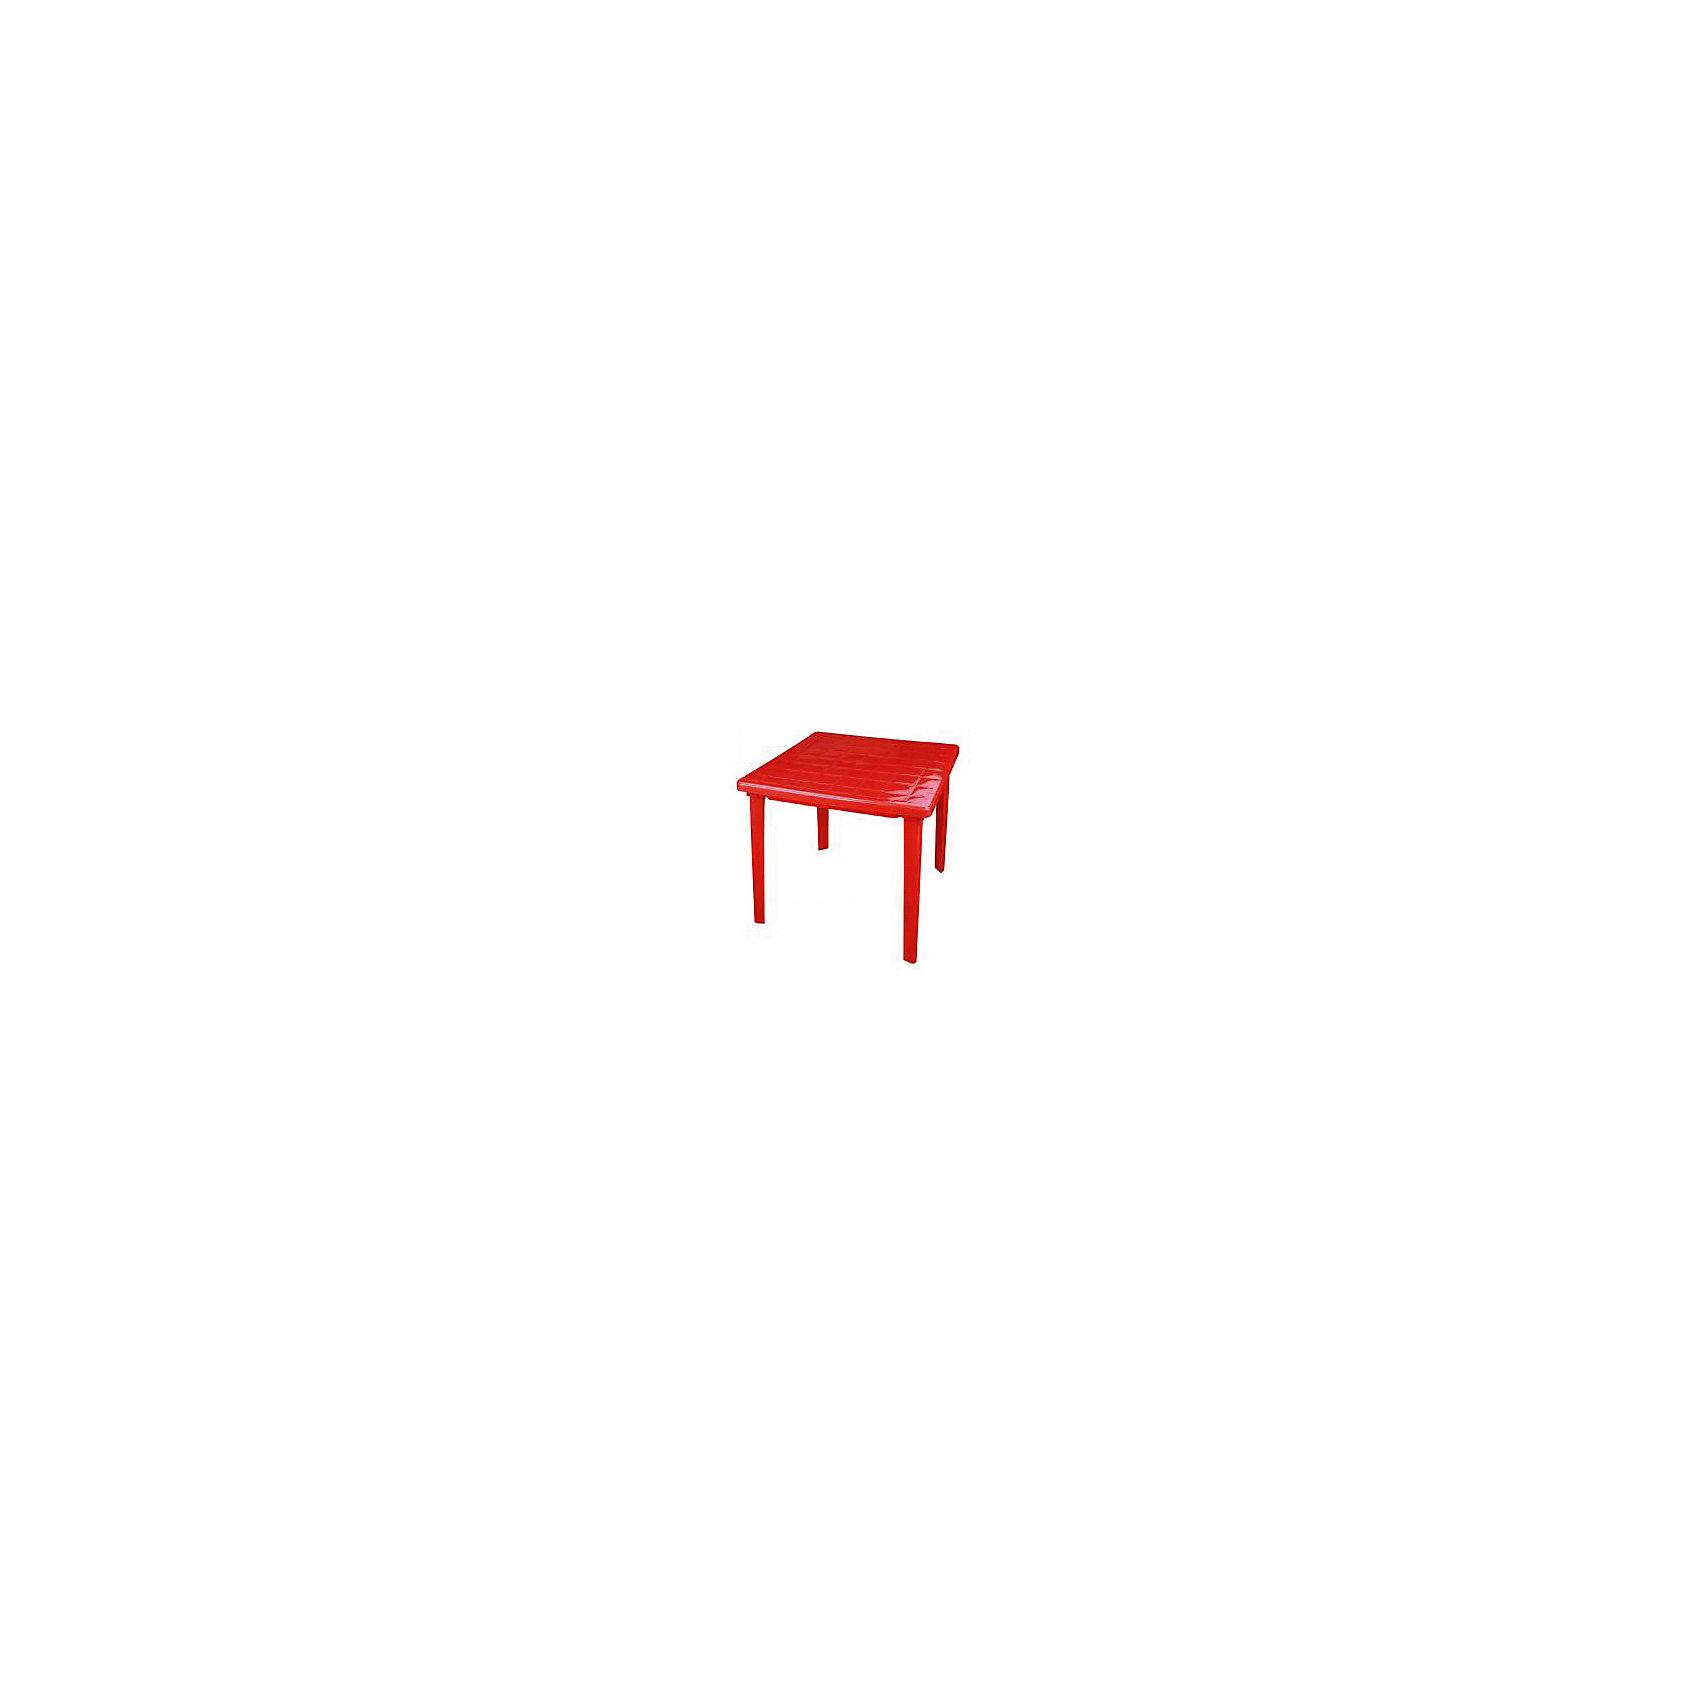 Стол квадратный 800х800х740, Alternativa, красныйМебель<br>Стол квадратный 800х800х740, Alternativa (Альтернатива), красный<br><br>Характеристики:<br><br>• лаконичный дизайн<br>• устойчивые ножки<br>• цвет: красный<br>• размер: 80х80х74 см<br>• форма: квадратный<br>• вес: 4,594 кг<br><br>Стол от российского производителя Альтернатива - прекрасный выбор для любителей качественных изделий из пластмассы. Он имеет лаконичный дизайн, подходящий к любой окружающей среде. Стол изготовлен из прочного пластика. Он обладает хорошей износостойкостью и устойчивостью, поэтому использовать его удобно не только дома, но и на даче или отдыхе на природе.<br><br>Стол квадратный 800х800х740, Alternativa (Альтернатива), красный можно купить в нашем интернет-магазине.<br><br>Ширина мм: 800<br>Глубина мм: 800<br>Высота мм: 740<br>Вес г: 4594<br>Возраст от месяцев: 216<br>Возраст до месяцев: 1188<br>Пол: Унисекс<br>Возраст: Детский<br>SKU: 5475676